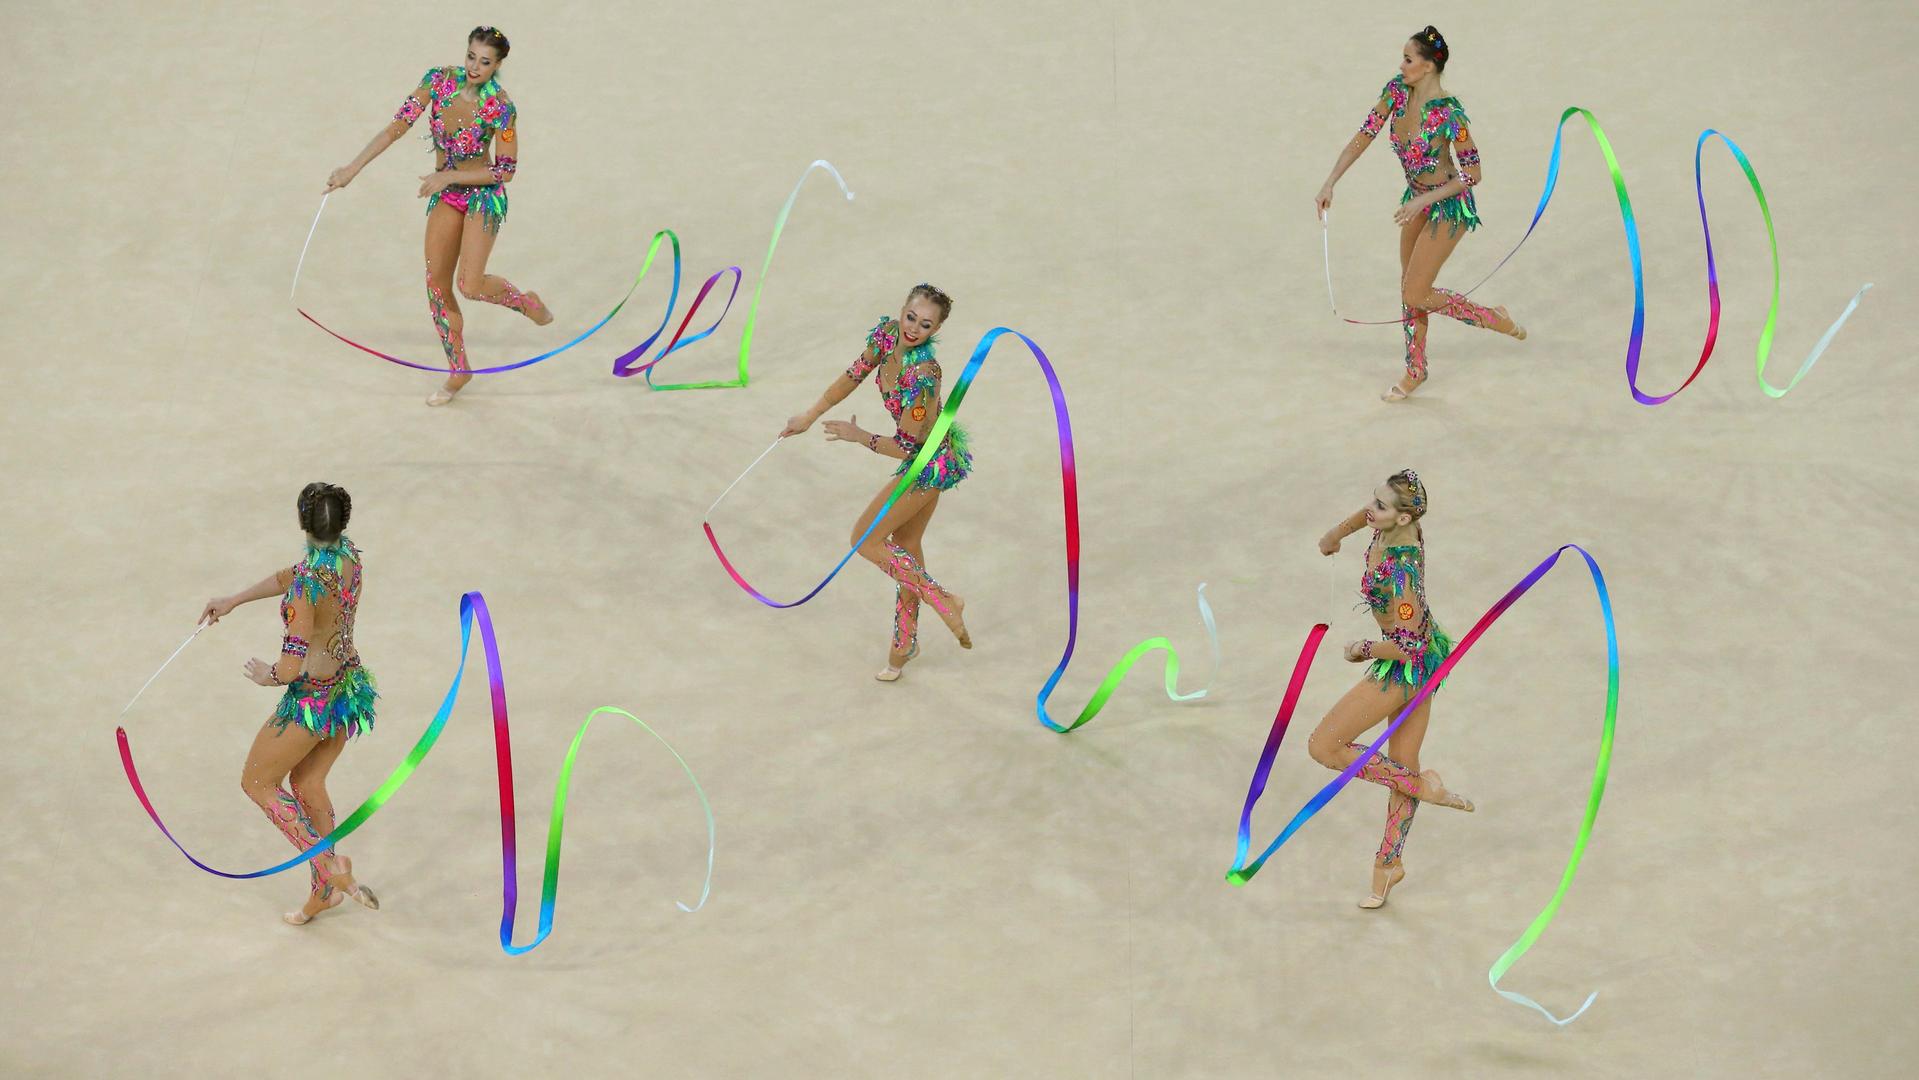 Сборная России по художественной гимнастике выиграла золото в Рио